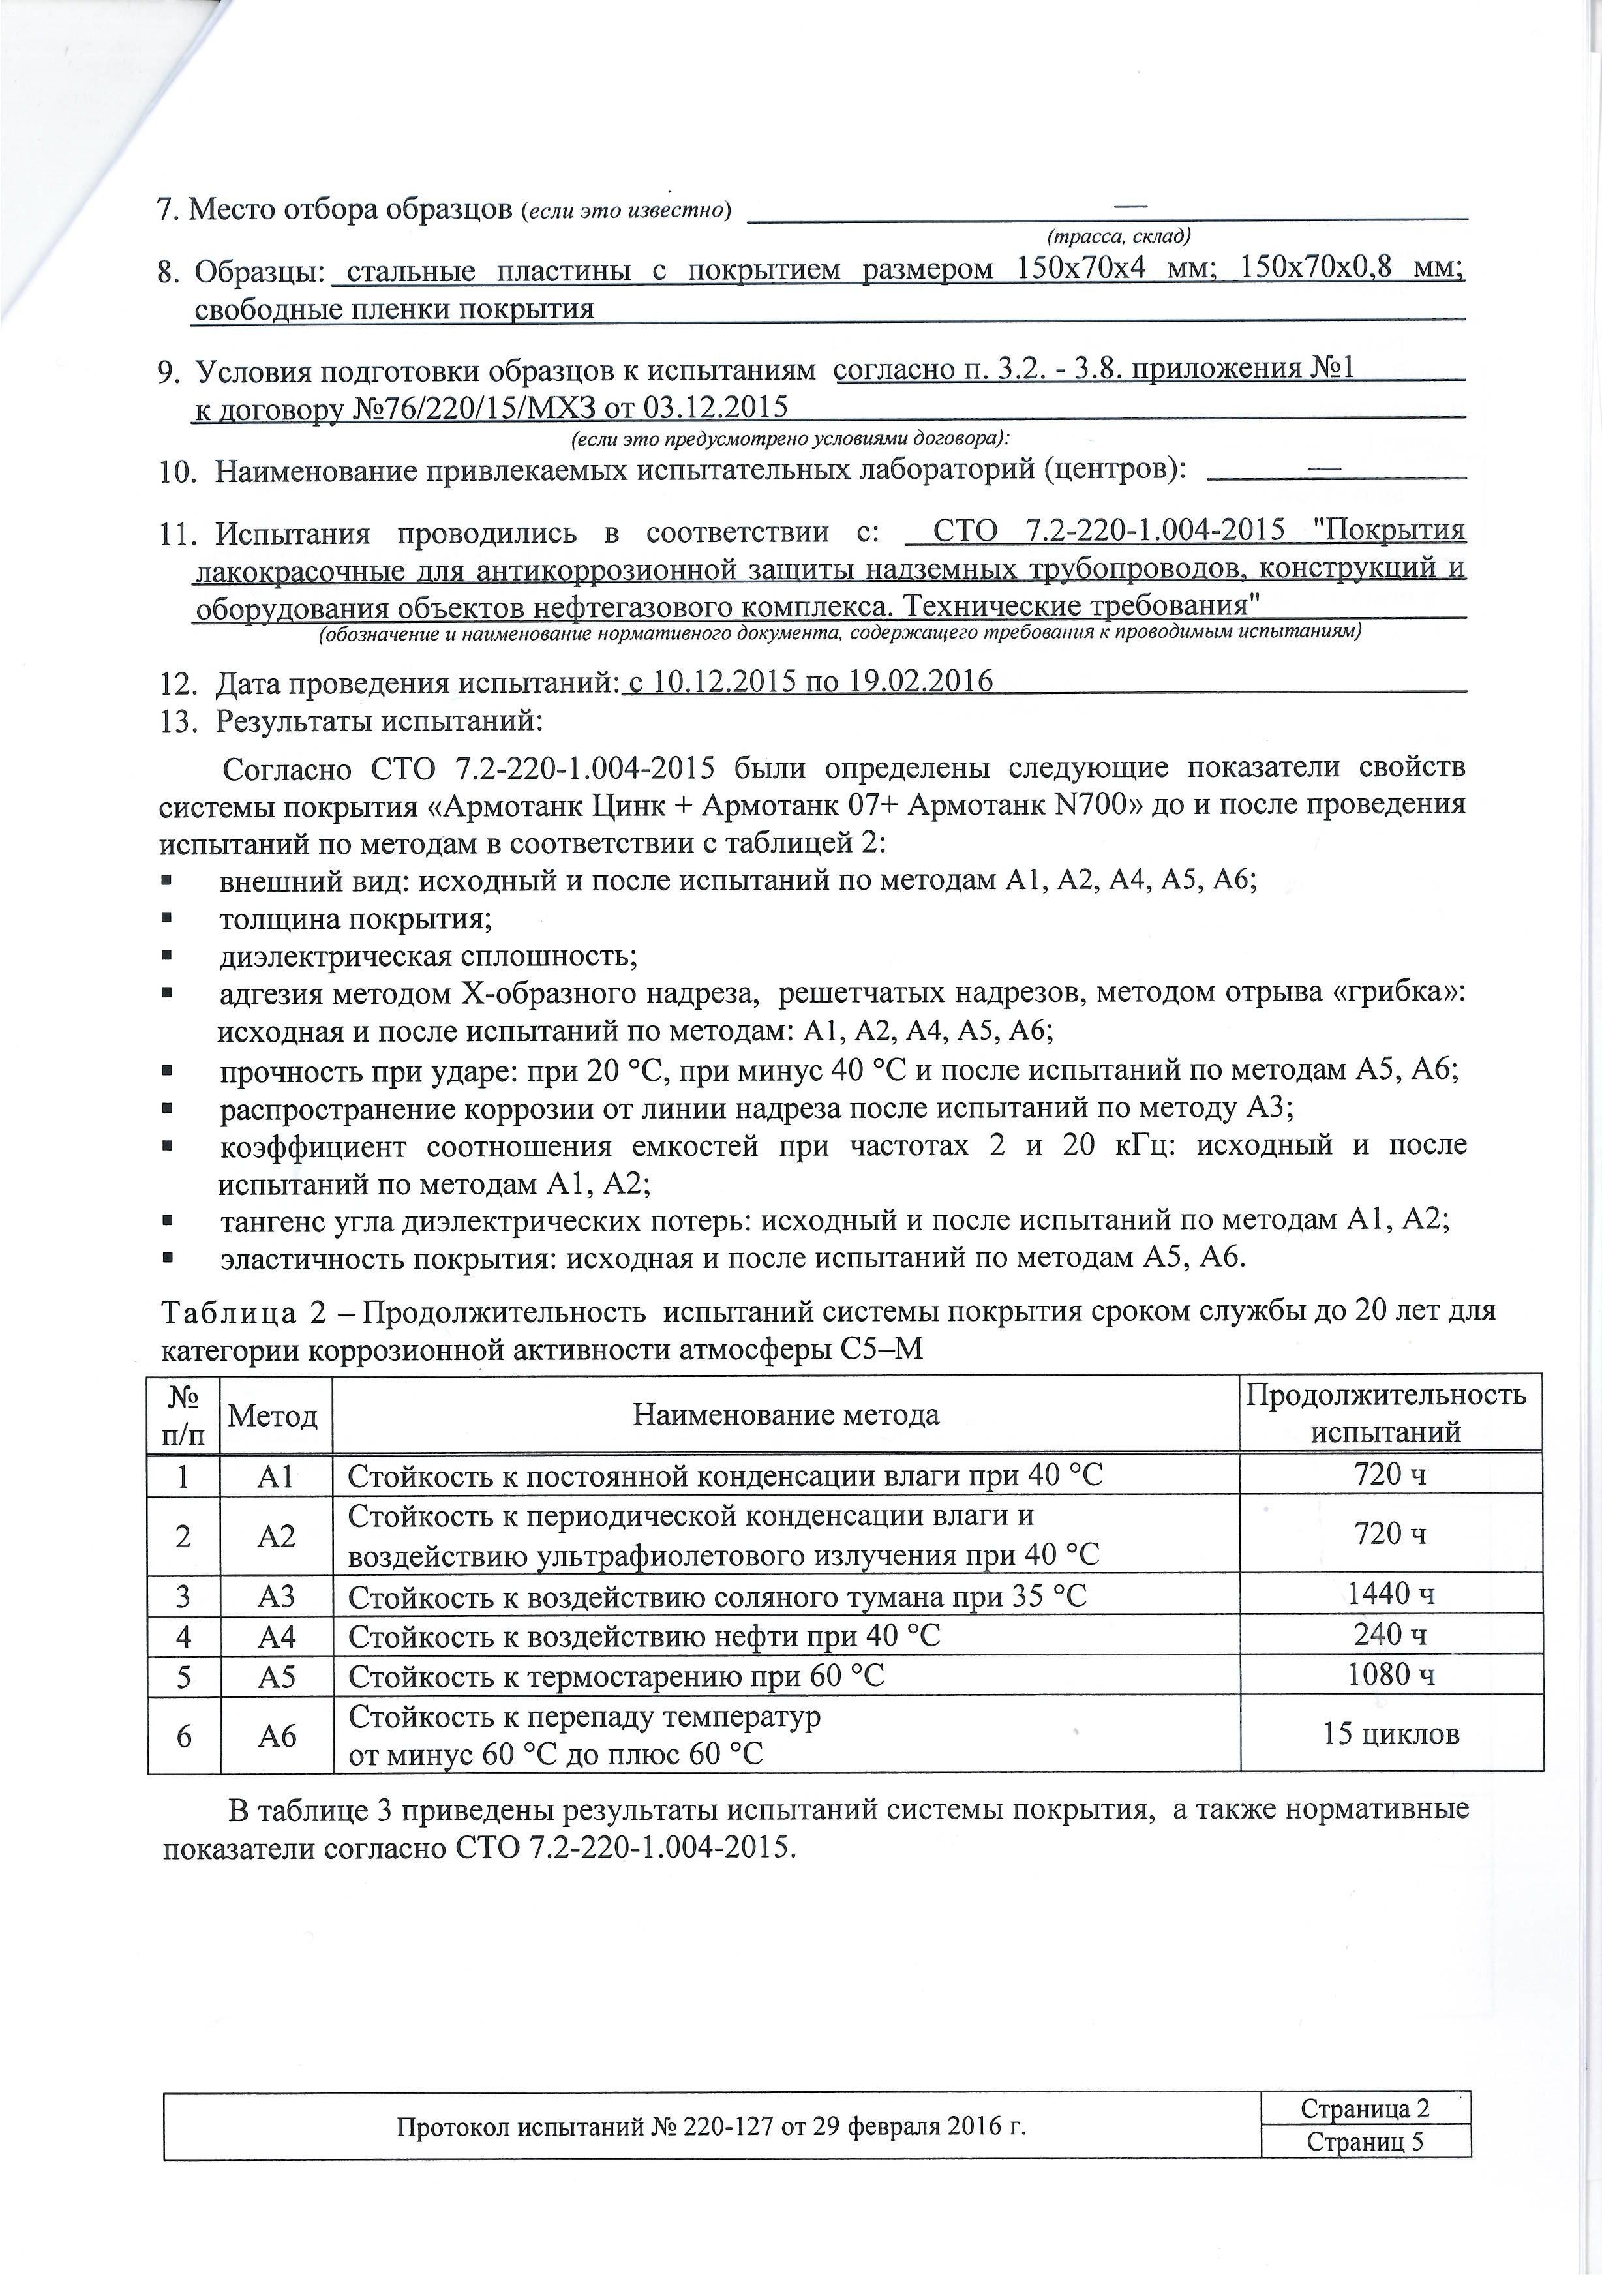 ВНИИСТ Цинк+07+N700 для трубопроводов; С-3,С-4,С5-М-20 лет+Протокол №220-127_Страница_3